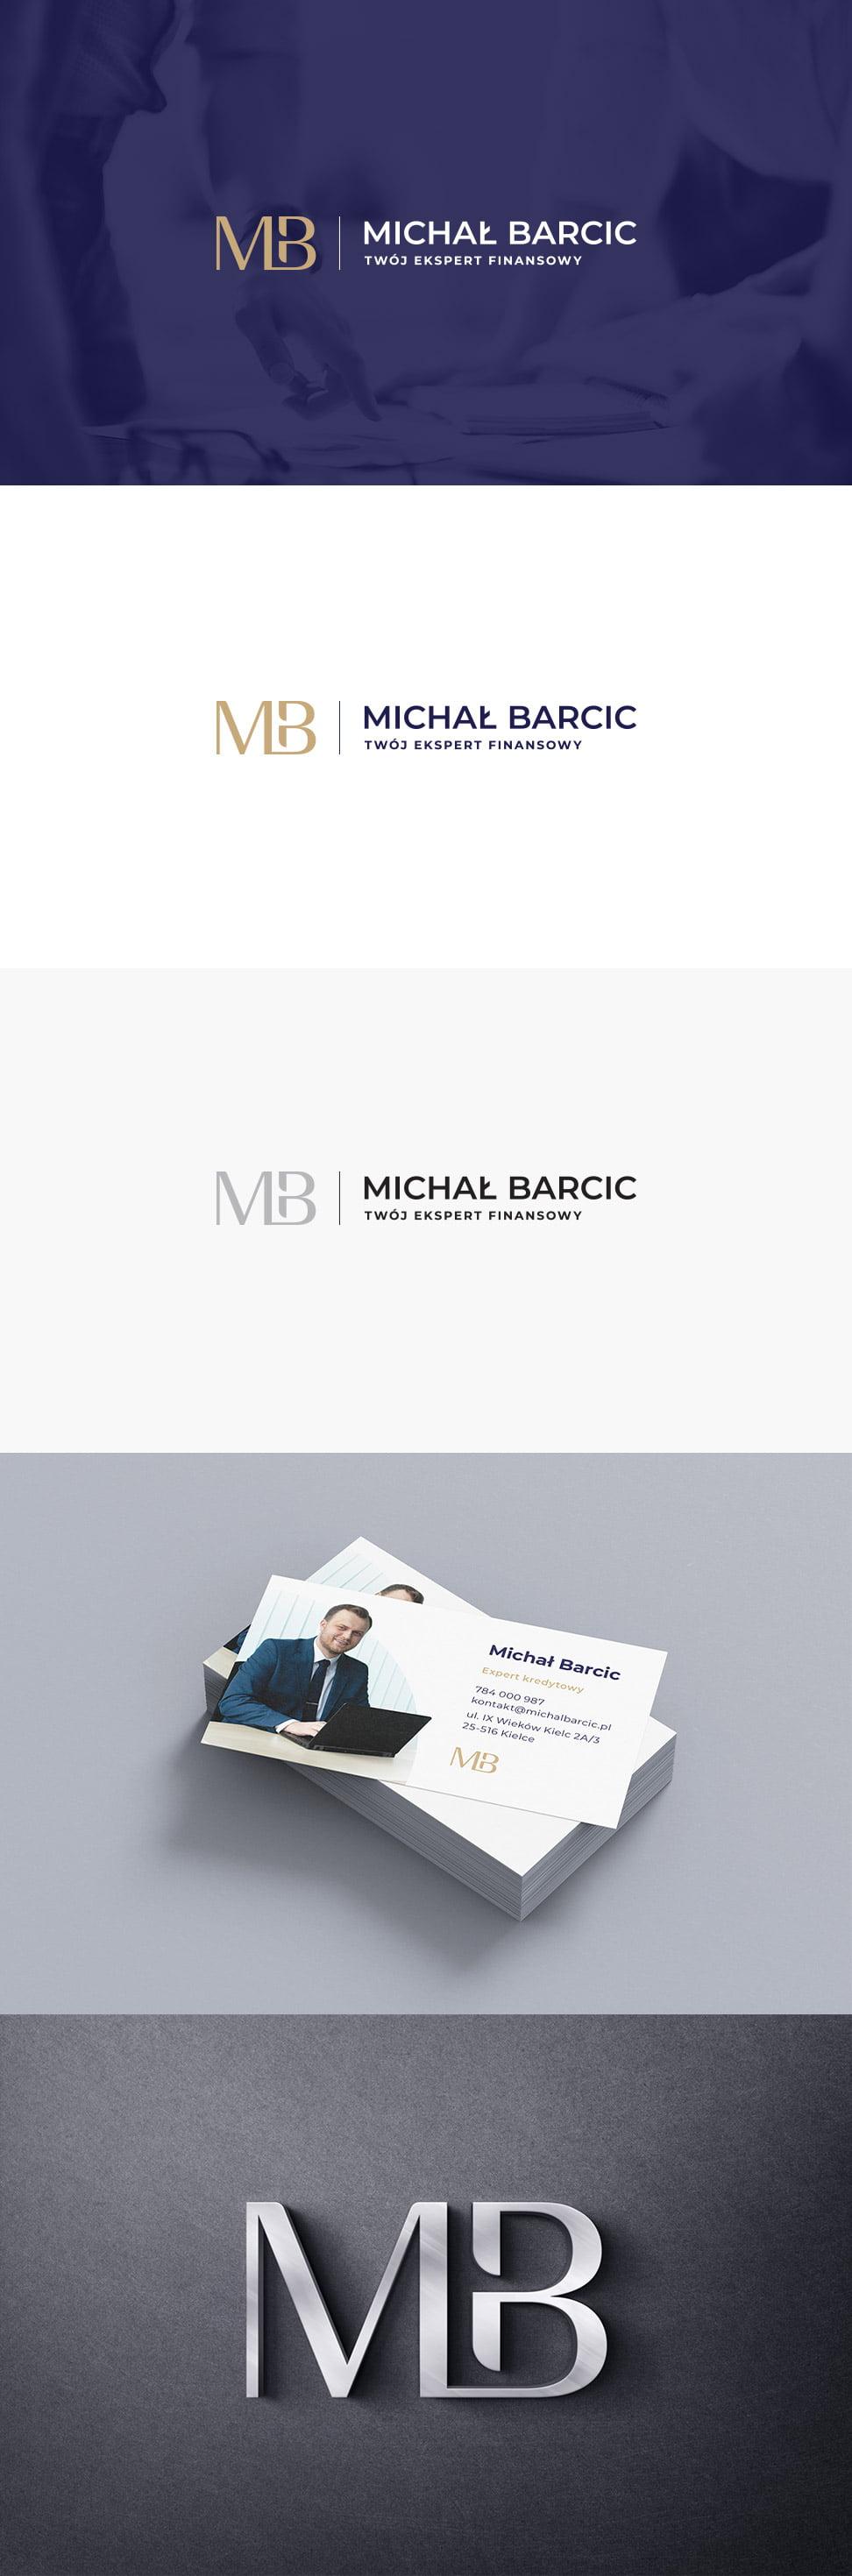 Michał Barcic